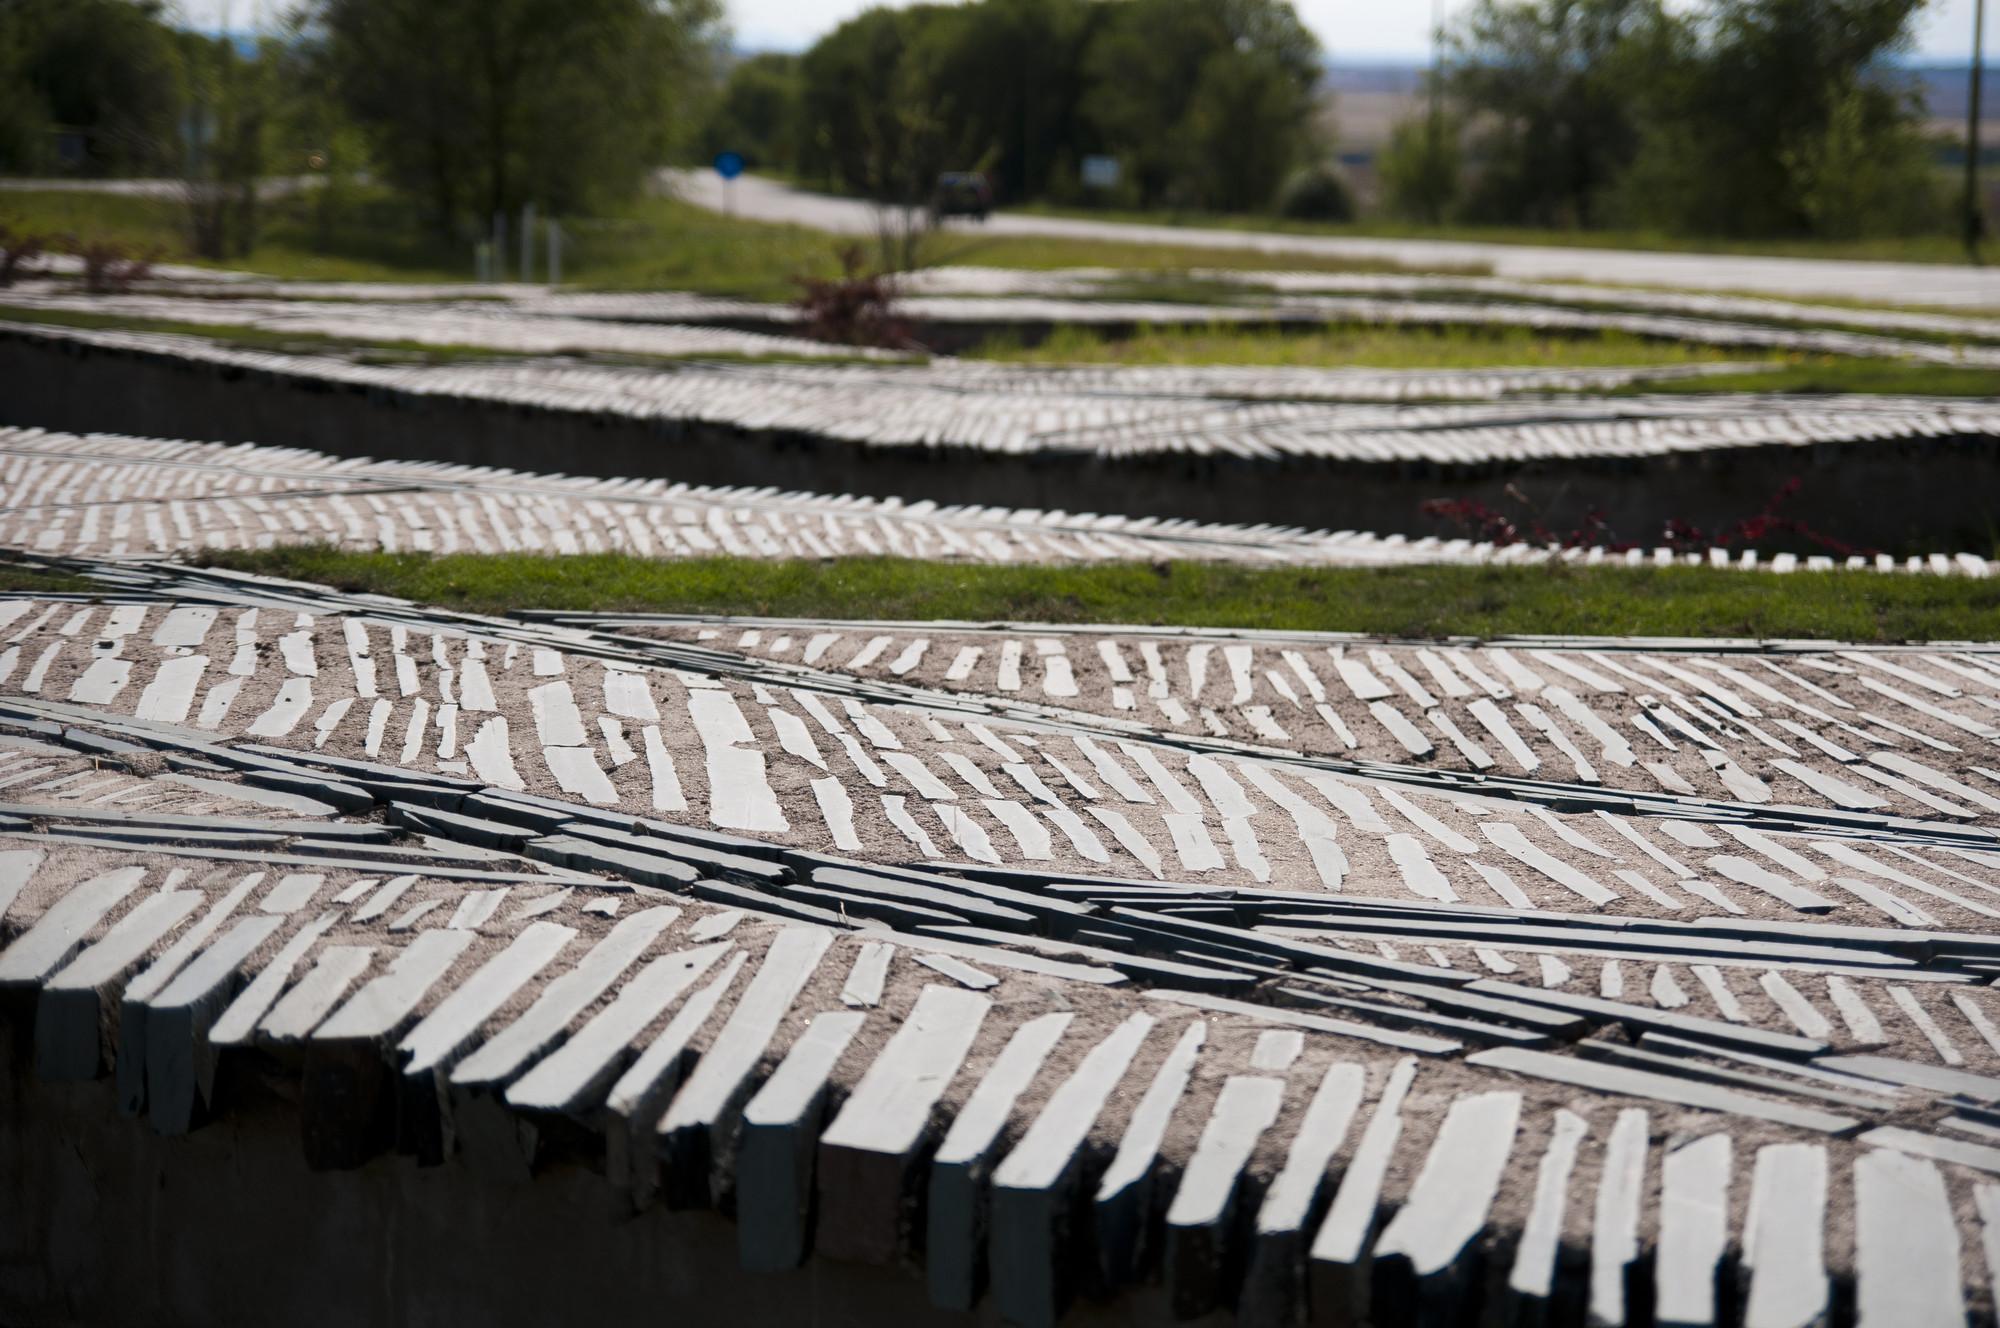 Paisaje y Arquitectura: Pliegues topográficos, una especie de tejido entre lo natural y lo artificial, © Nicolás Varvara